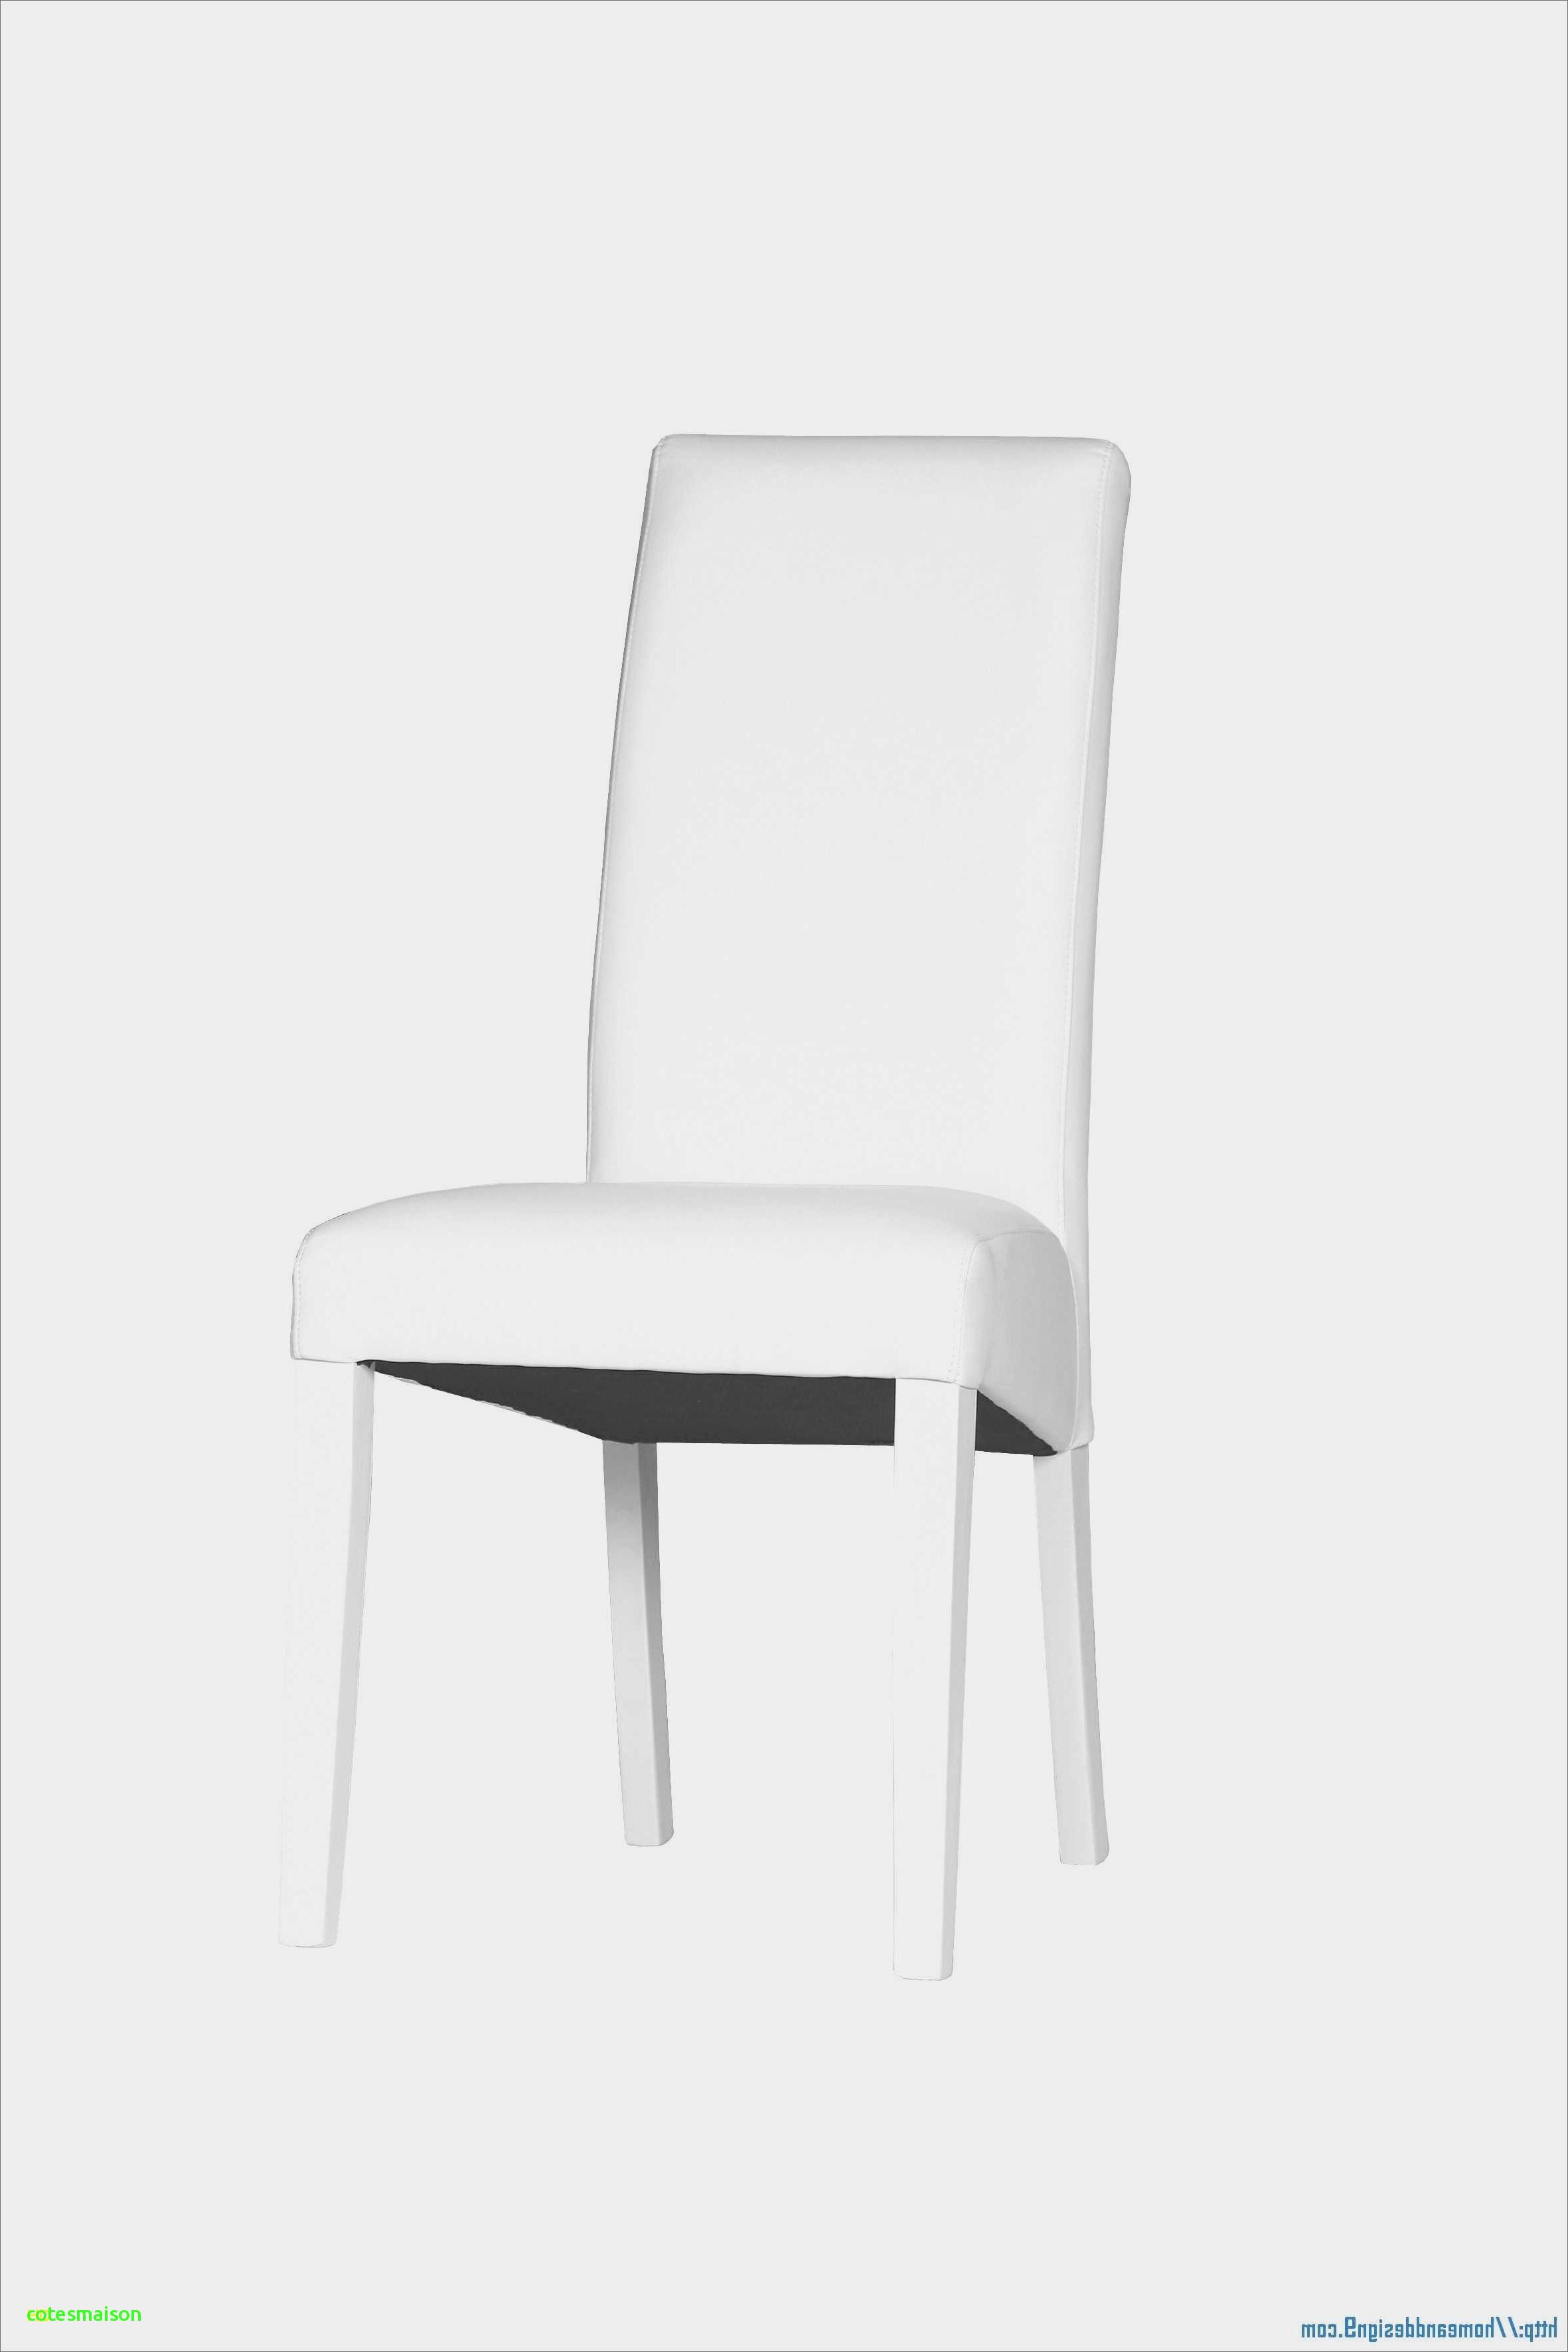 eCBrdxo Gain Incroyable Chaise De Scandinave Boutique 8nN0vwmO